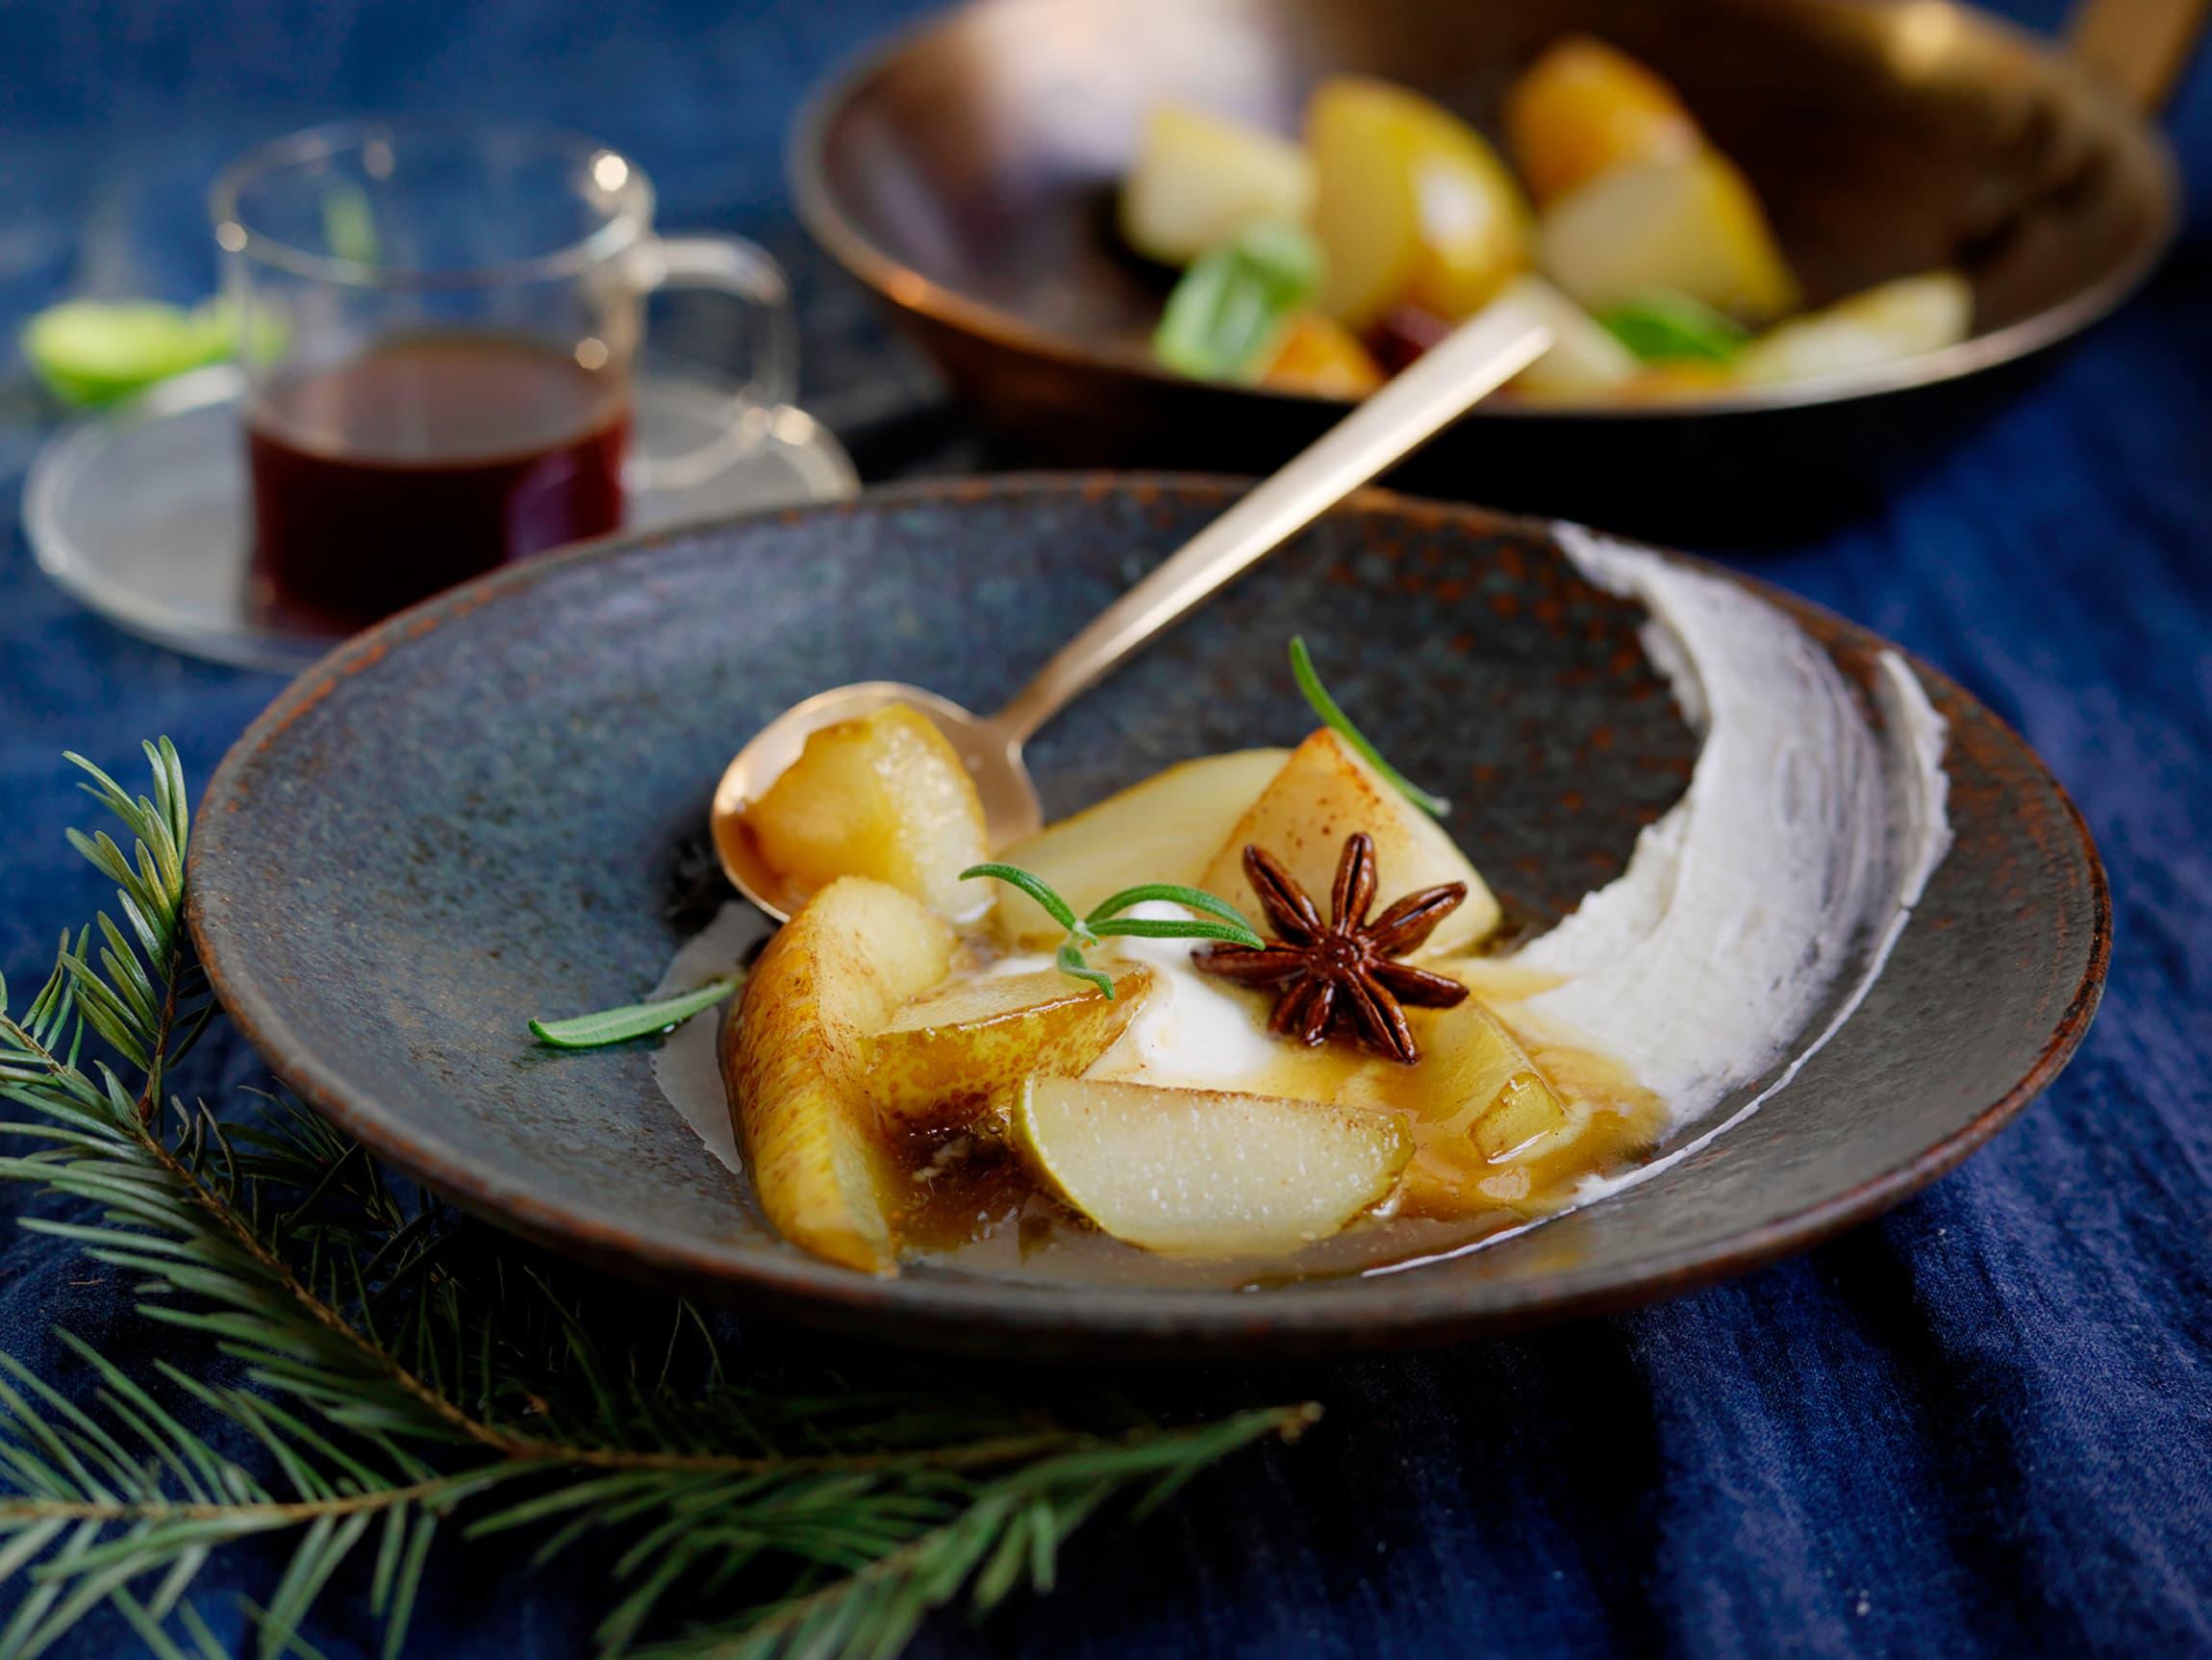 Honningglaserte pærer med ingefær og mascarpone. Denne desserten passer godt etter et tyngre måltid.